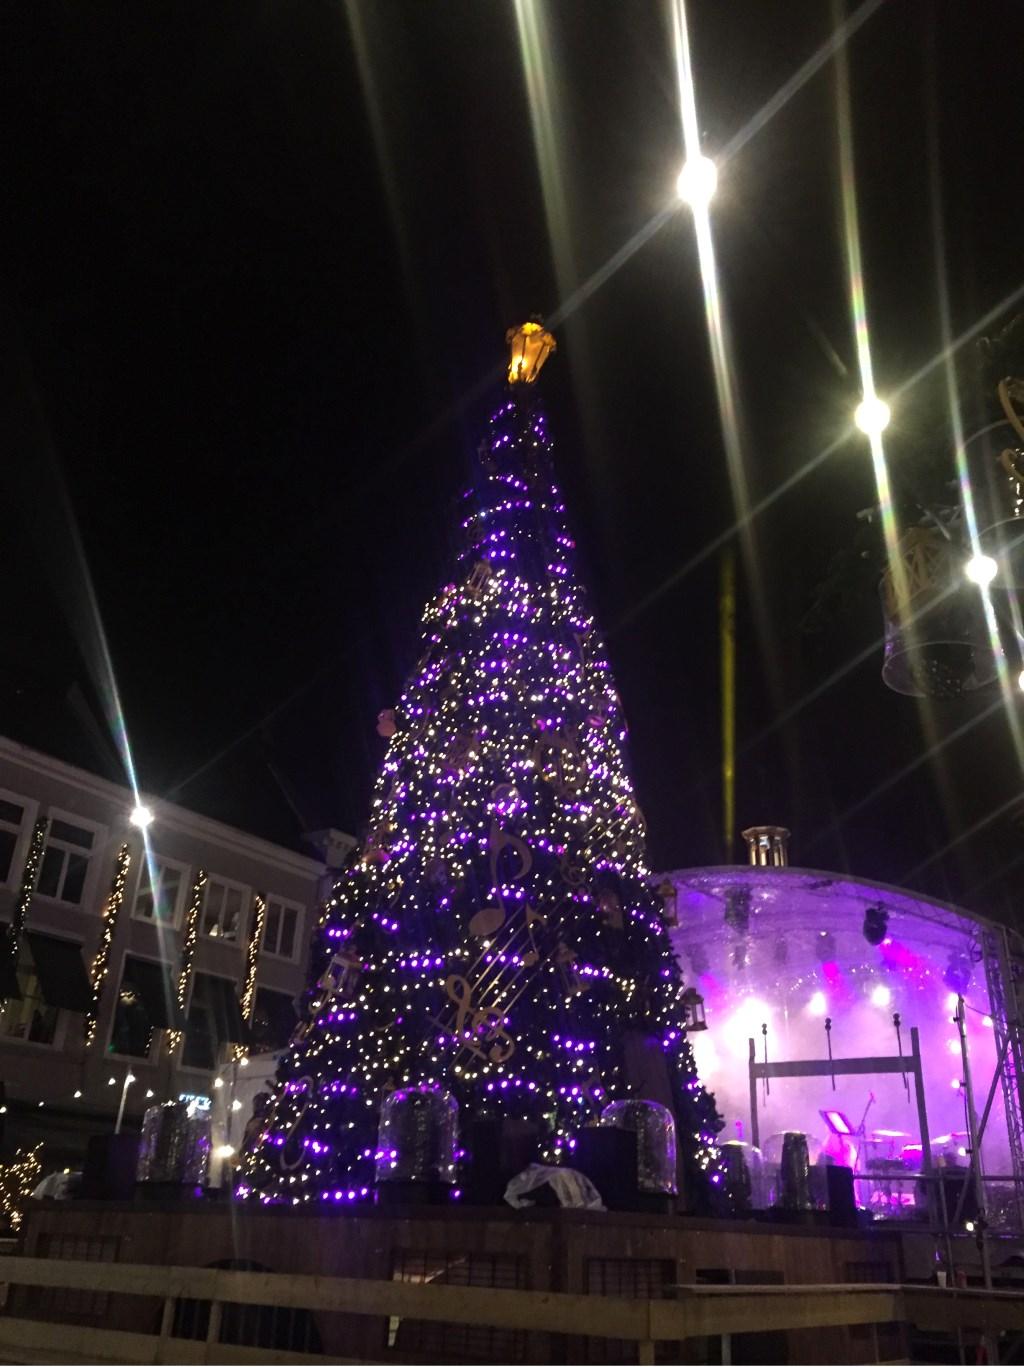 Kerstboom op de Grote Markt tijdens de openingsavond van Betoverend Breda. Foto: Wijnand Nijs © BredaVandaag